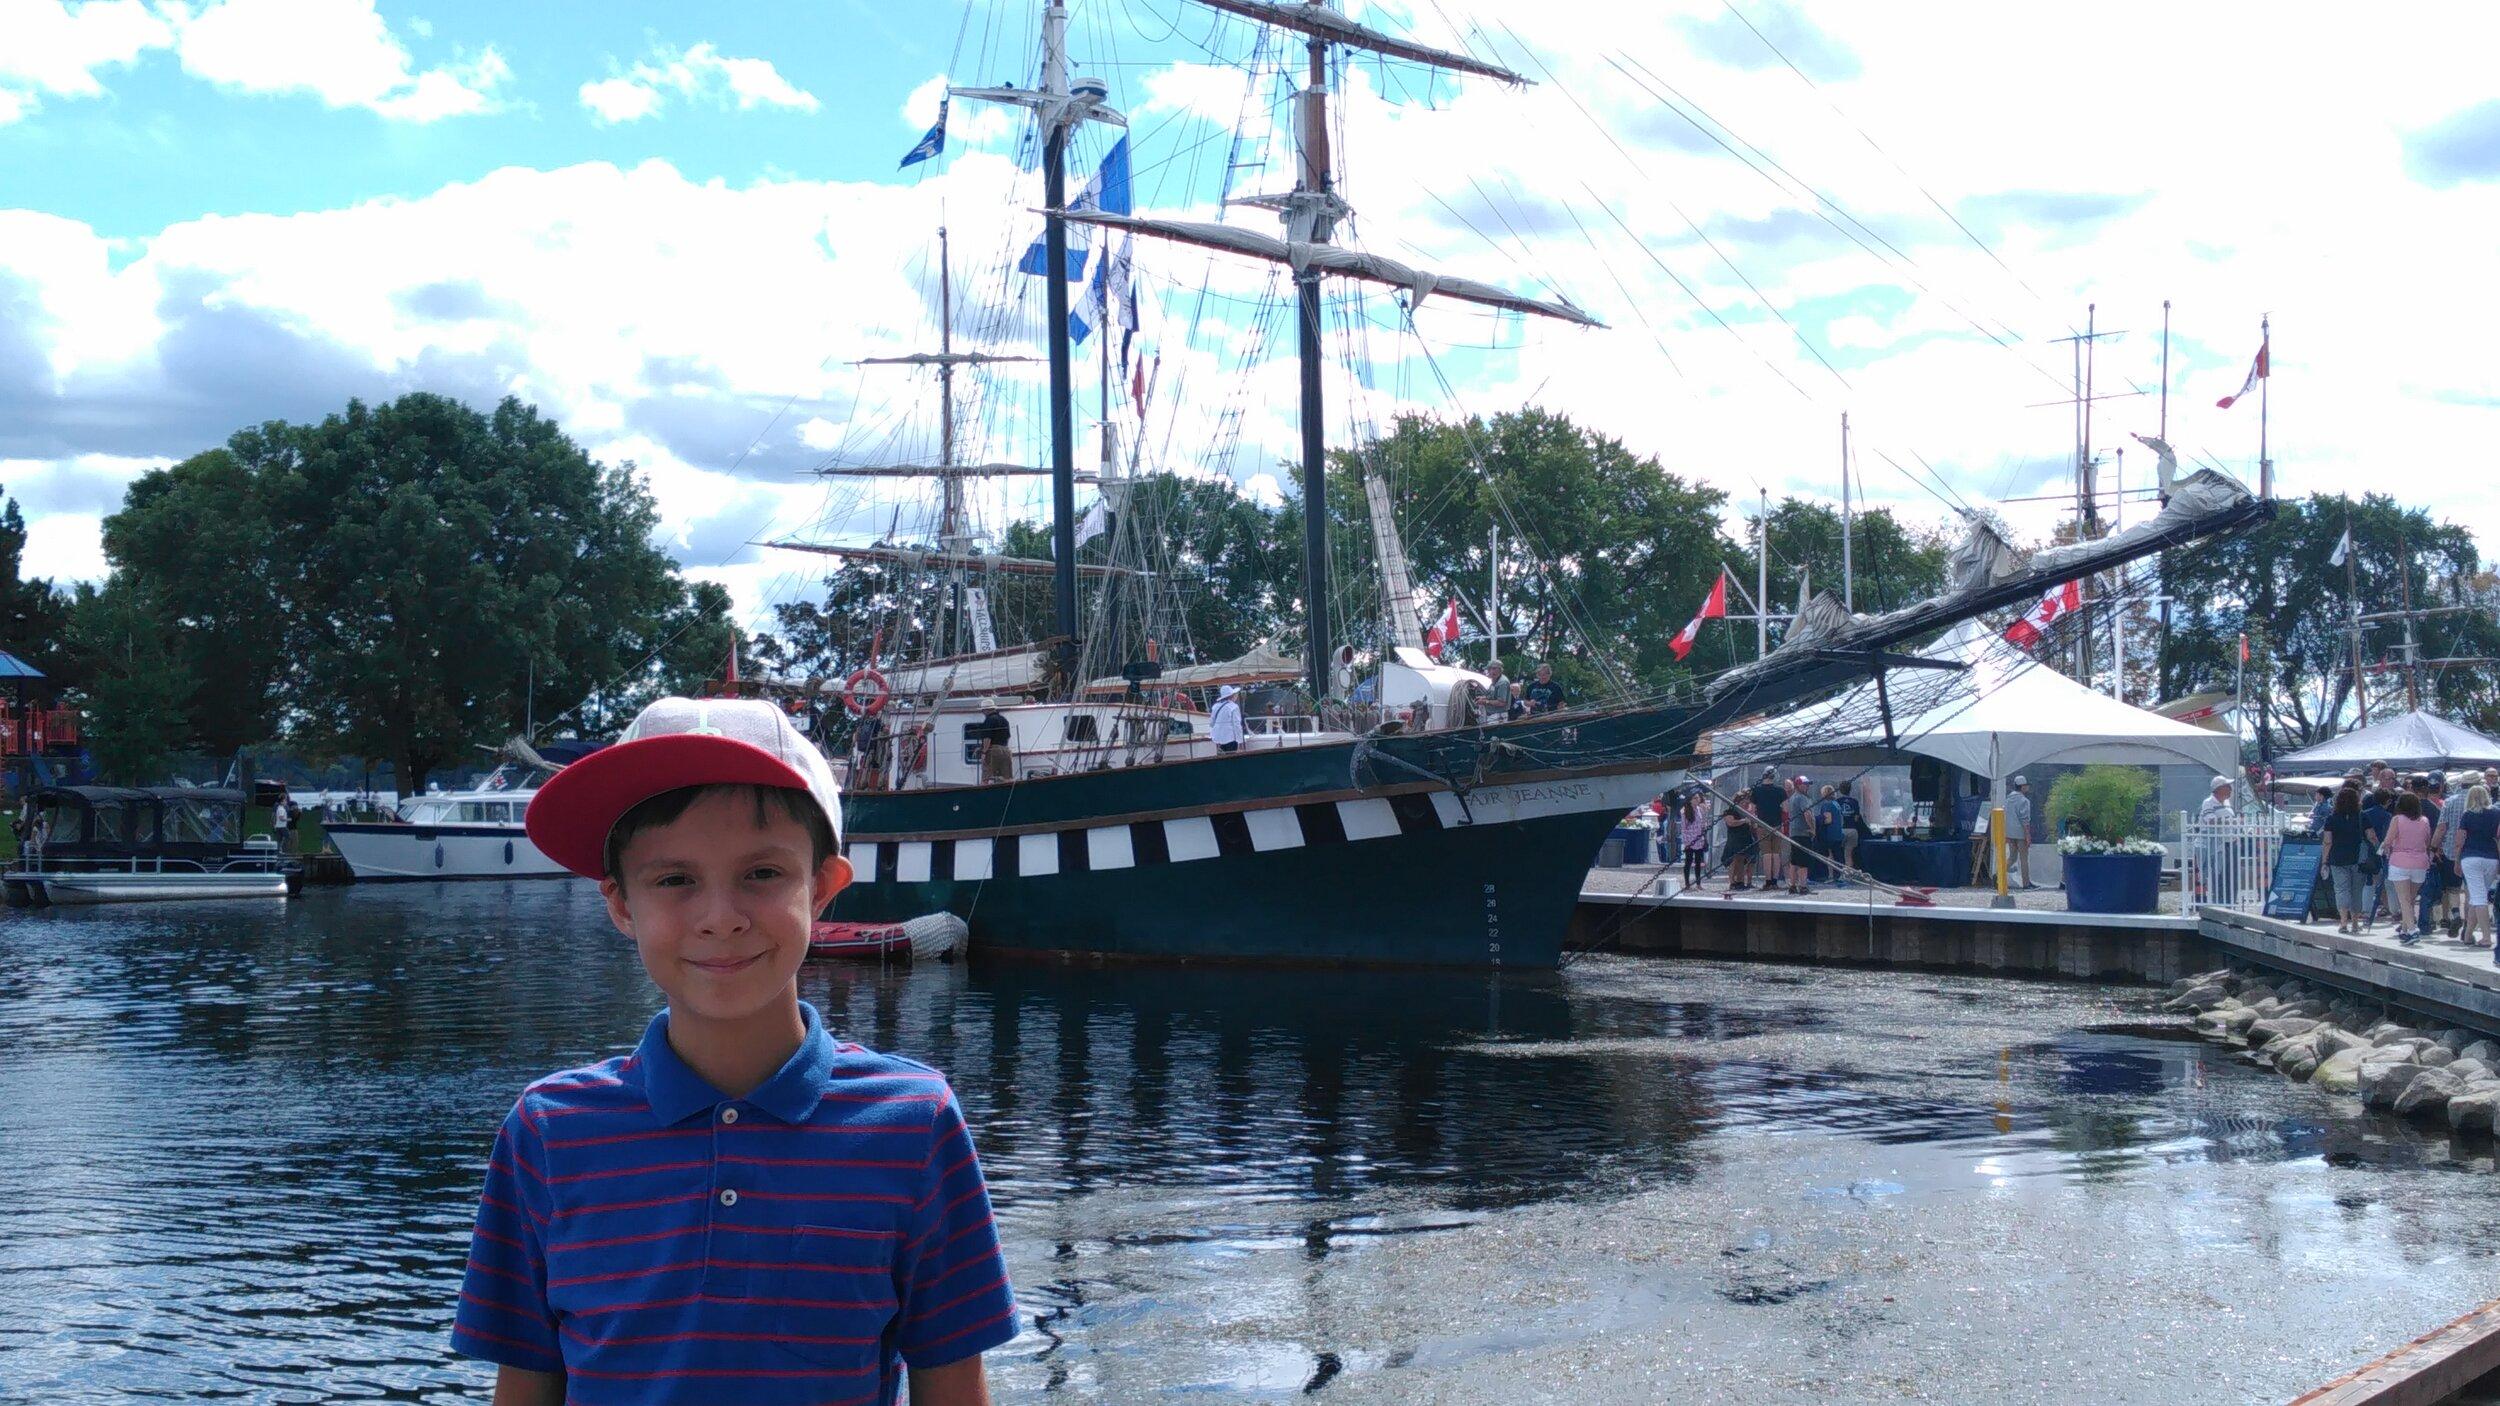 Family Travel: Brockville Tall Ships Festival